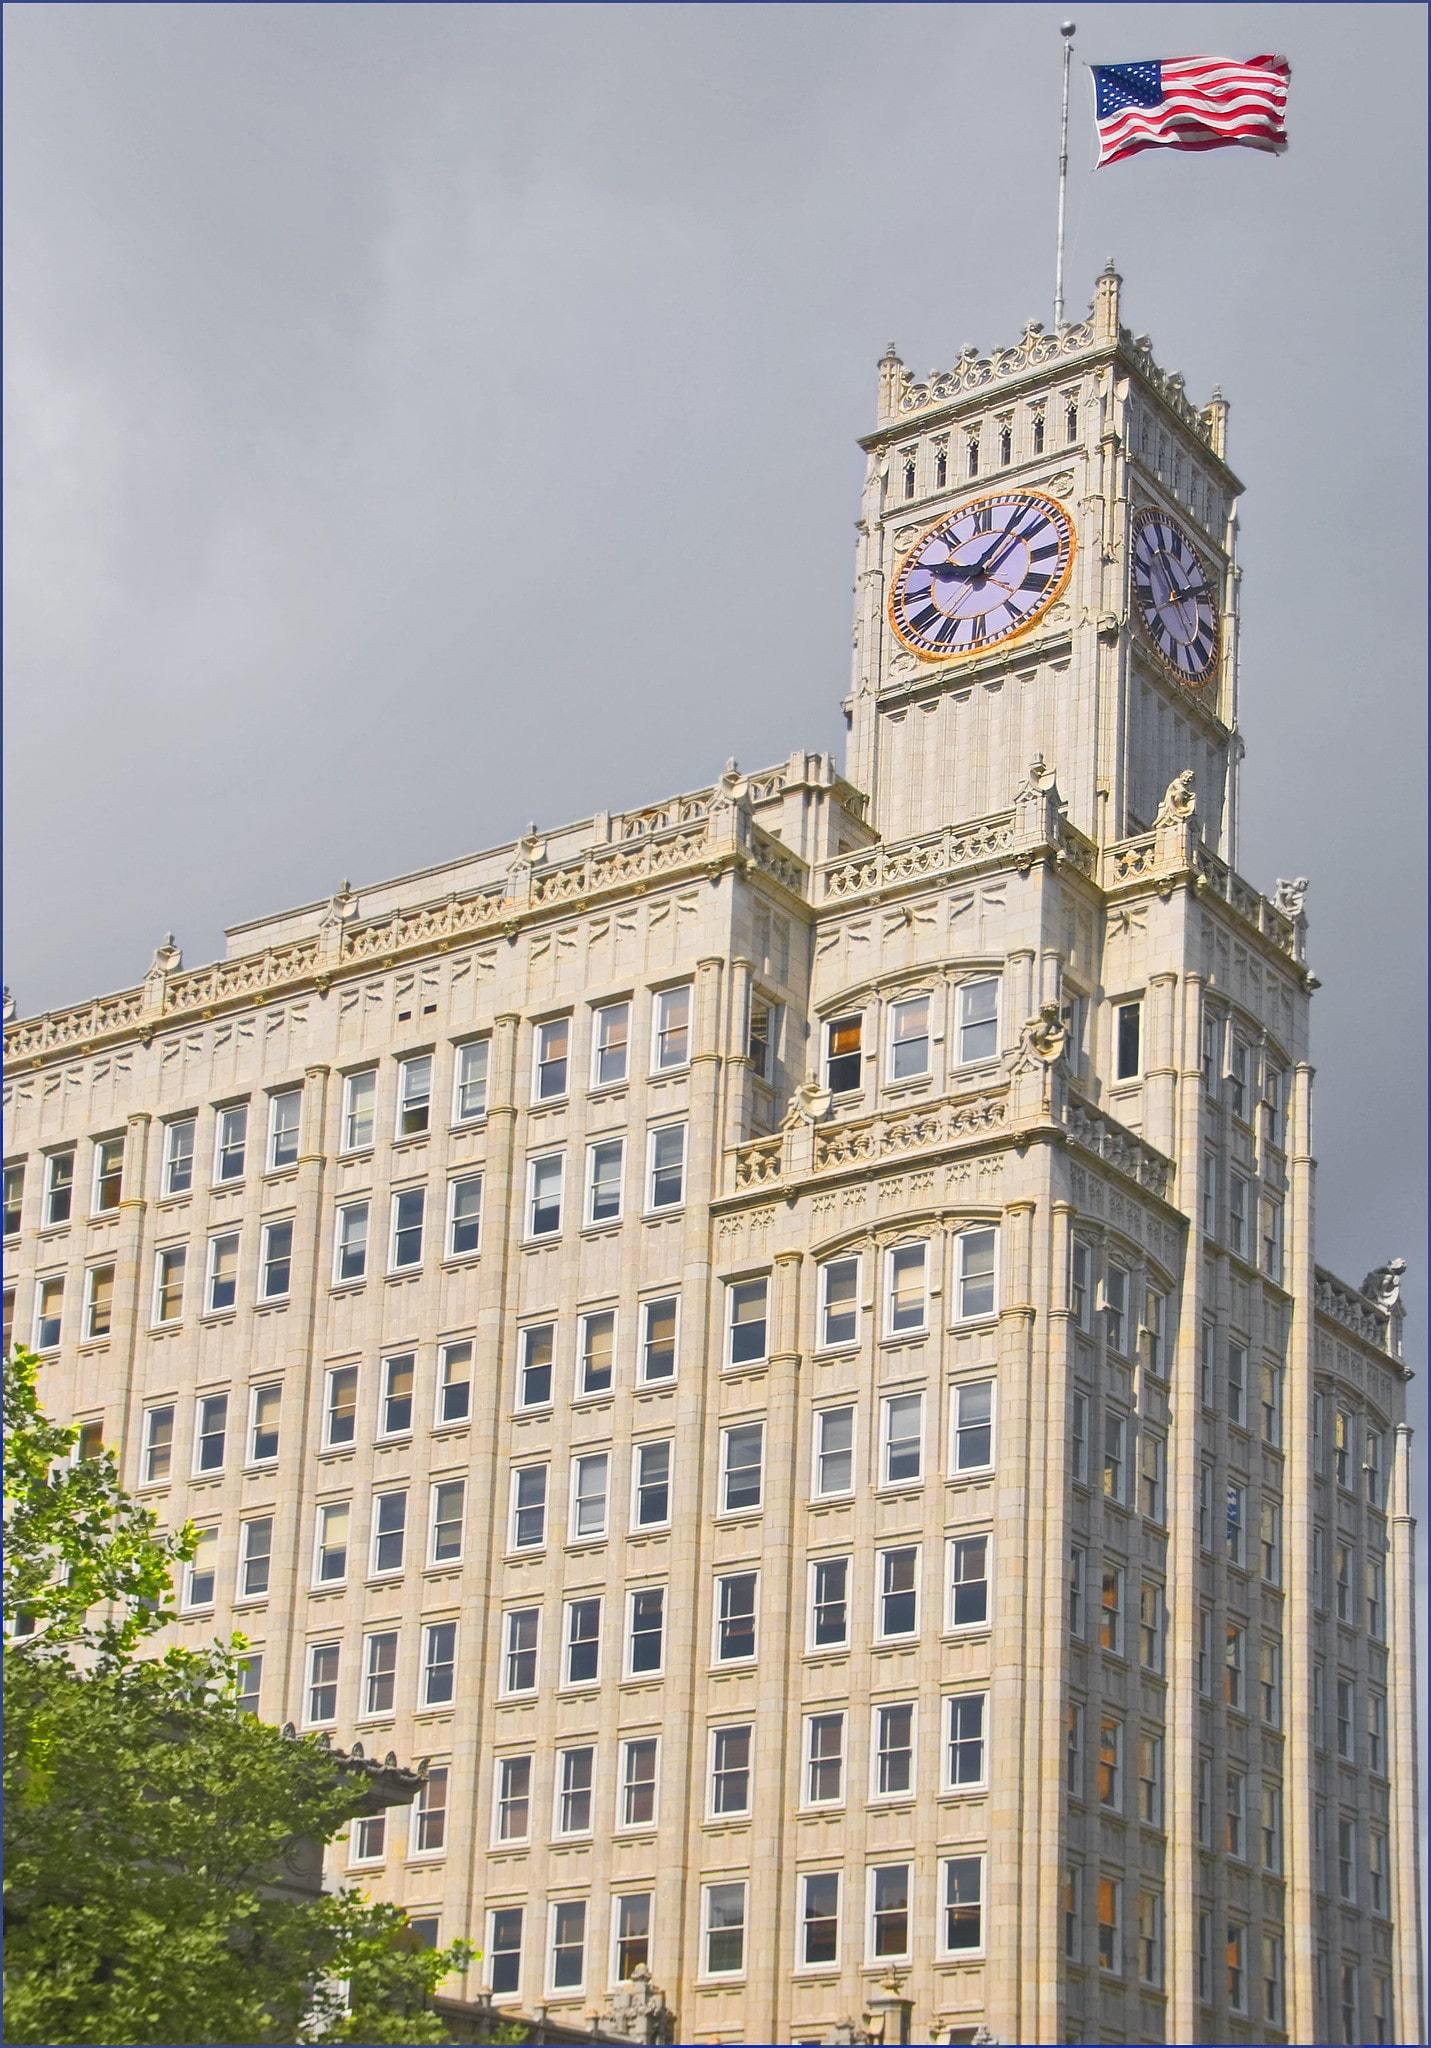 Lamar Life Building Clock Tower